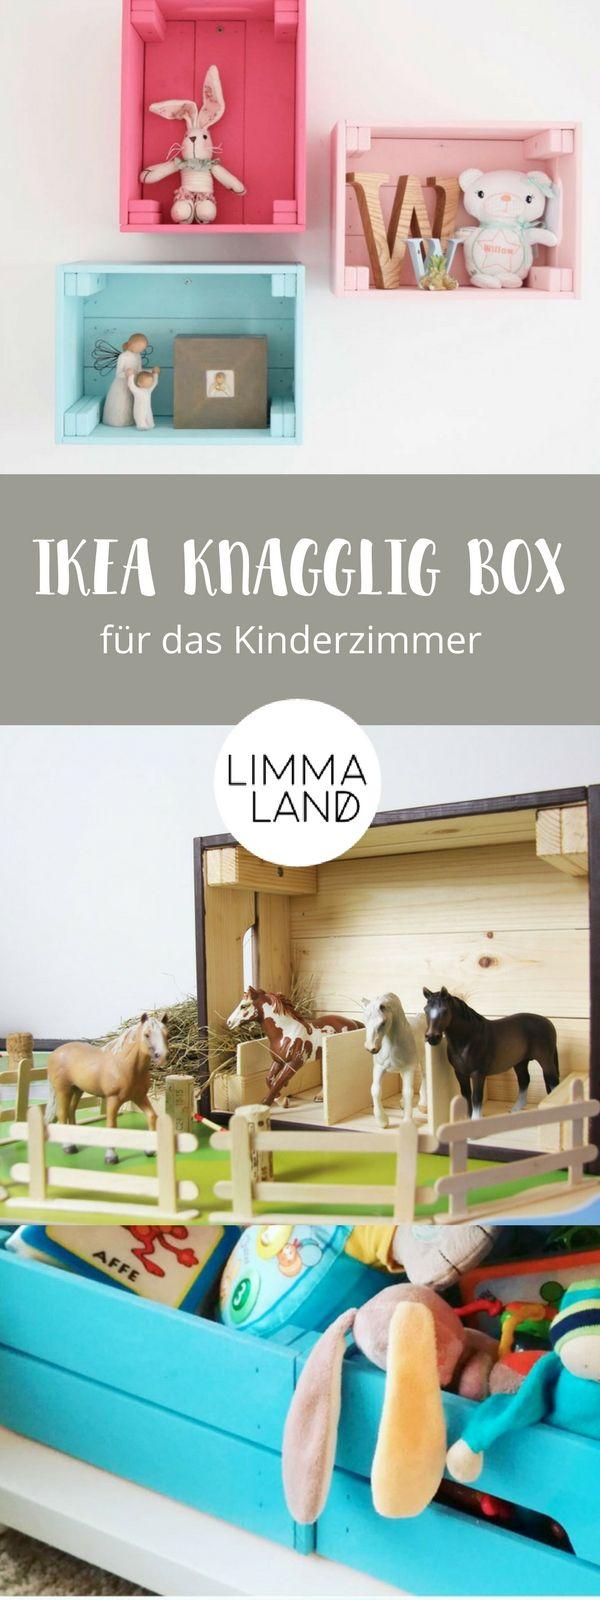 DIY Ideen für das Kinderzimmer: Die IKEA KNAGGLIG Box sieht fast aus wie eine Weinkiste und eignet sich prima für einen IKEA Hack für Kinder. Wir zeigen euch in unserem Blog was ihr tolles aus der Holzkiste basteln könnt. Vor allen die Ideen für das Kinderzimmer sind  total niedlich! Mit www.limmaland.com macht DIY Spaß! Kinderzimmergestaltung leicht gemacht.